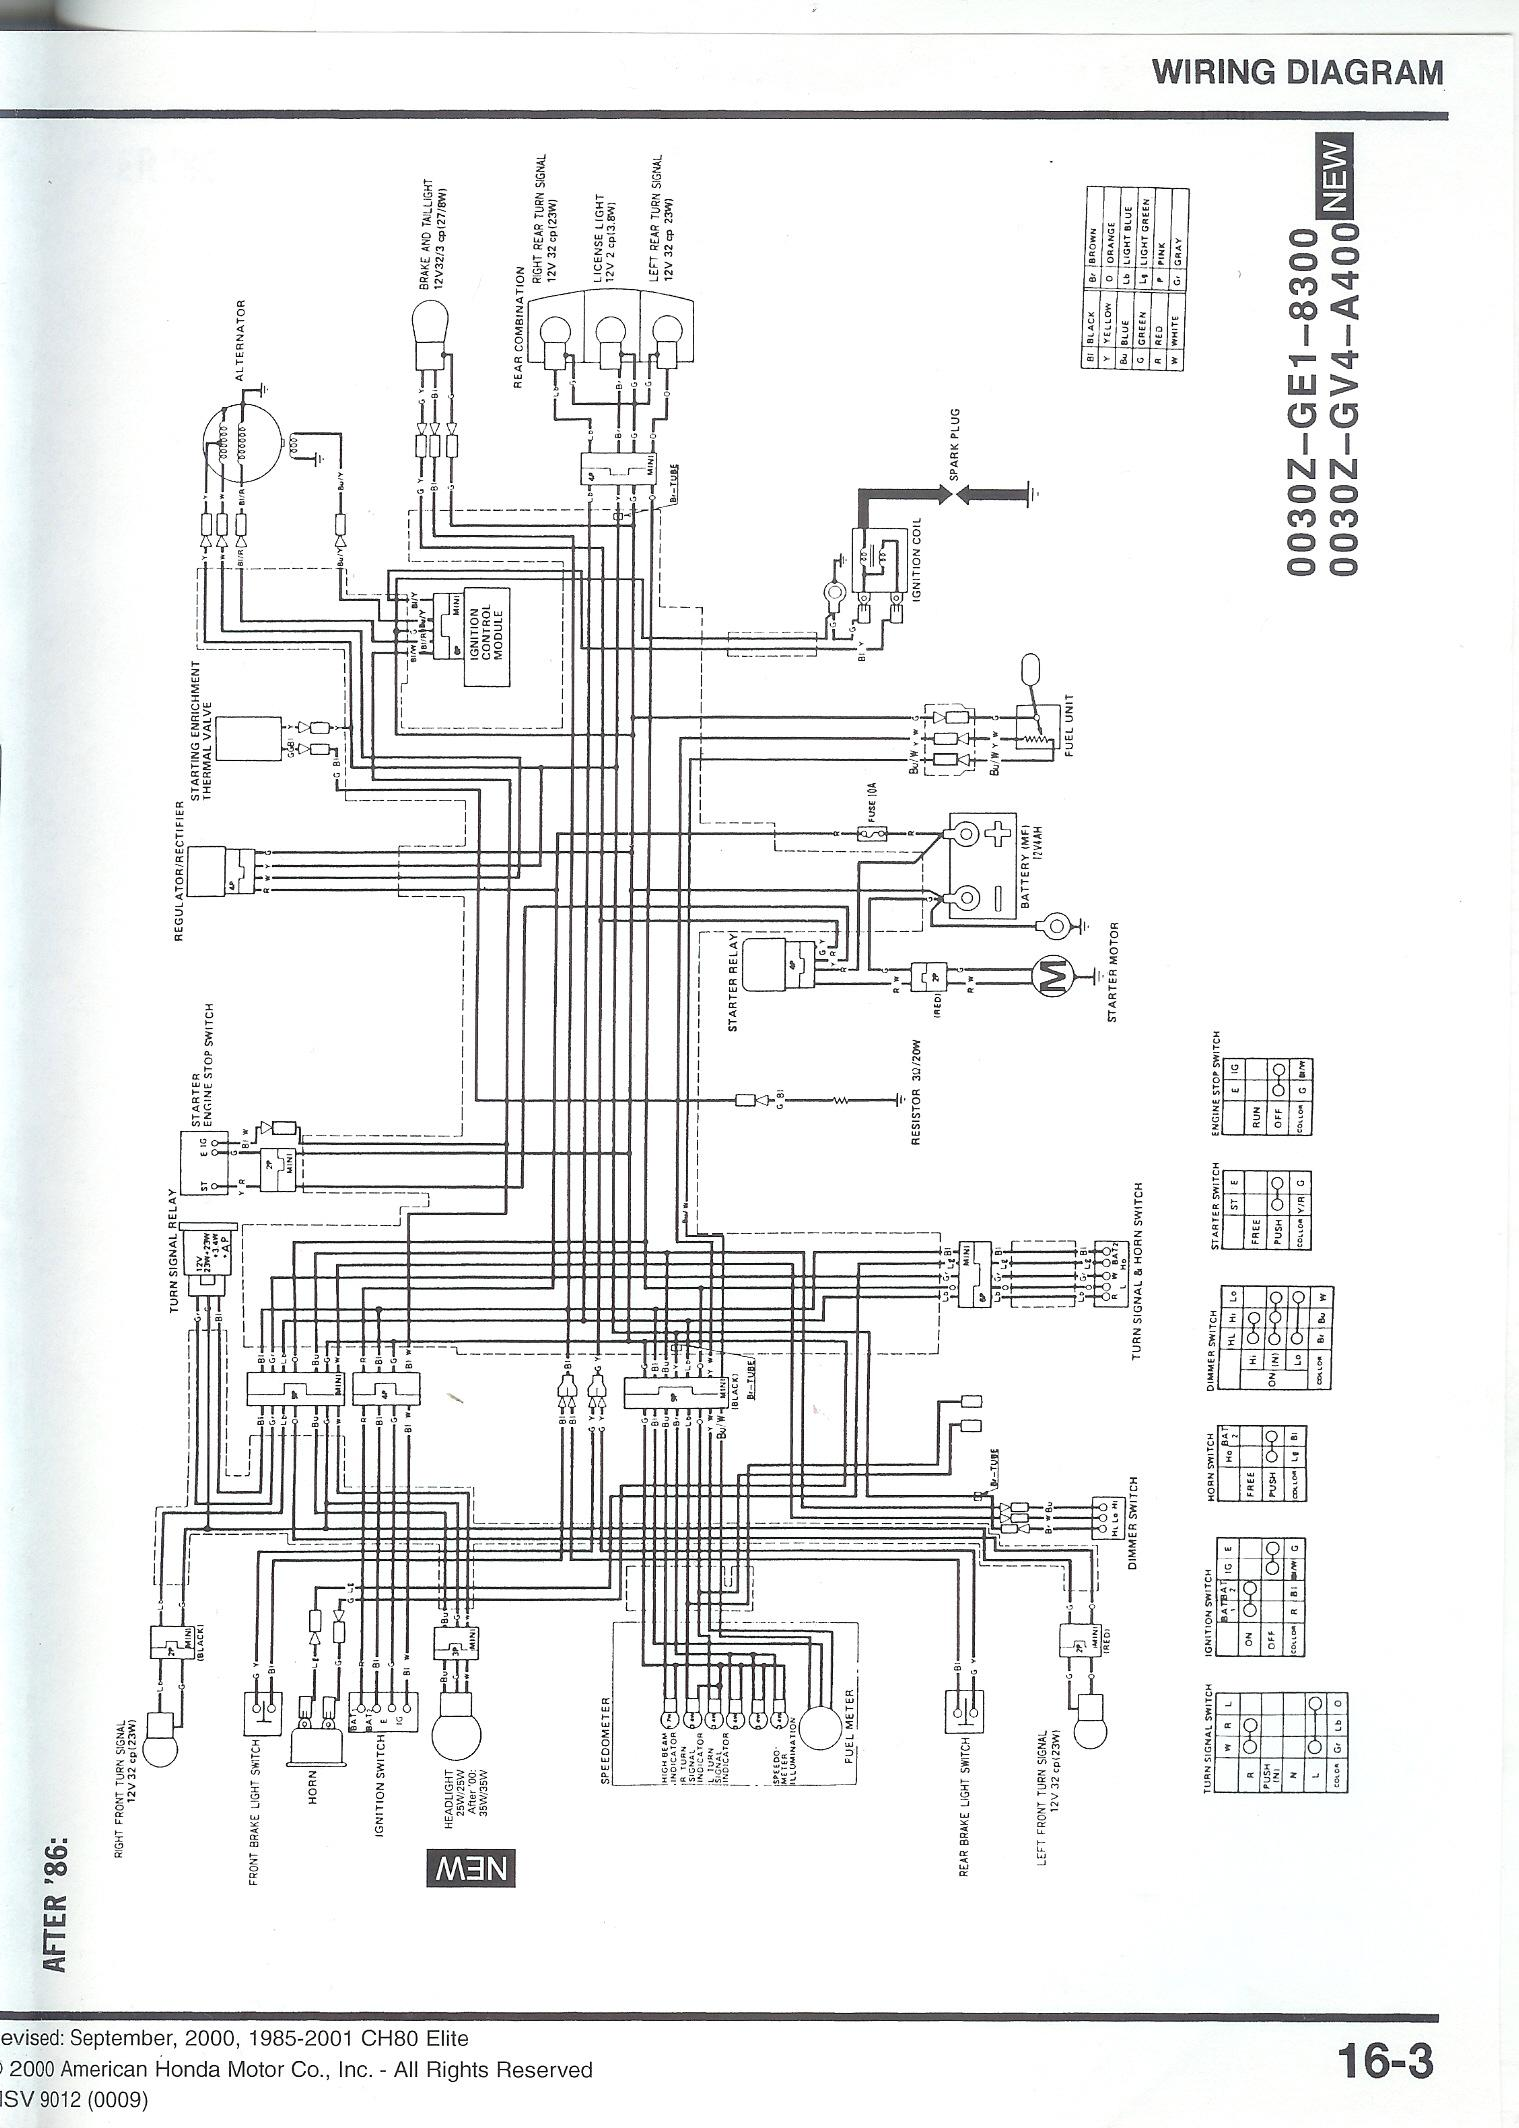 atc wiring diagram auto electrical wiring diagram rh sakanoueno me honda  elite 80 wiring diagram 1987 honda elite wiring diagram